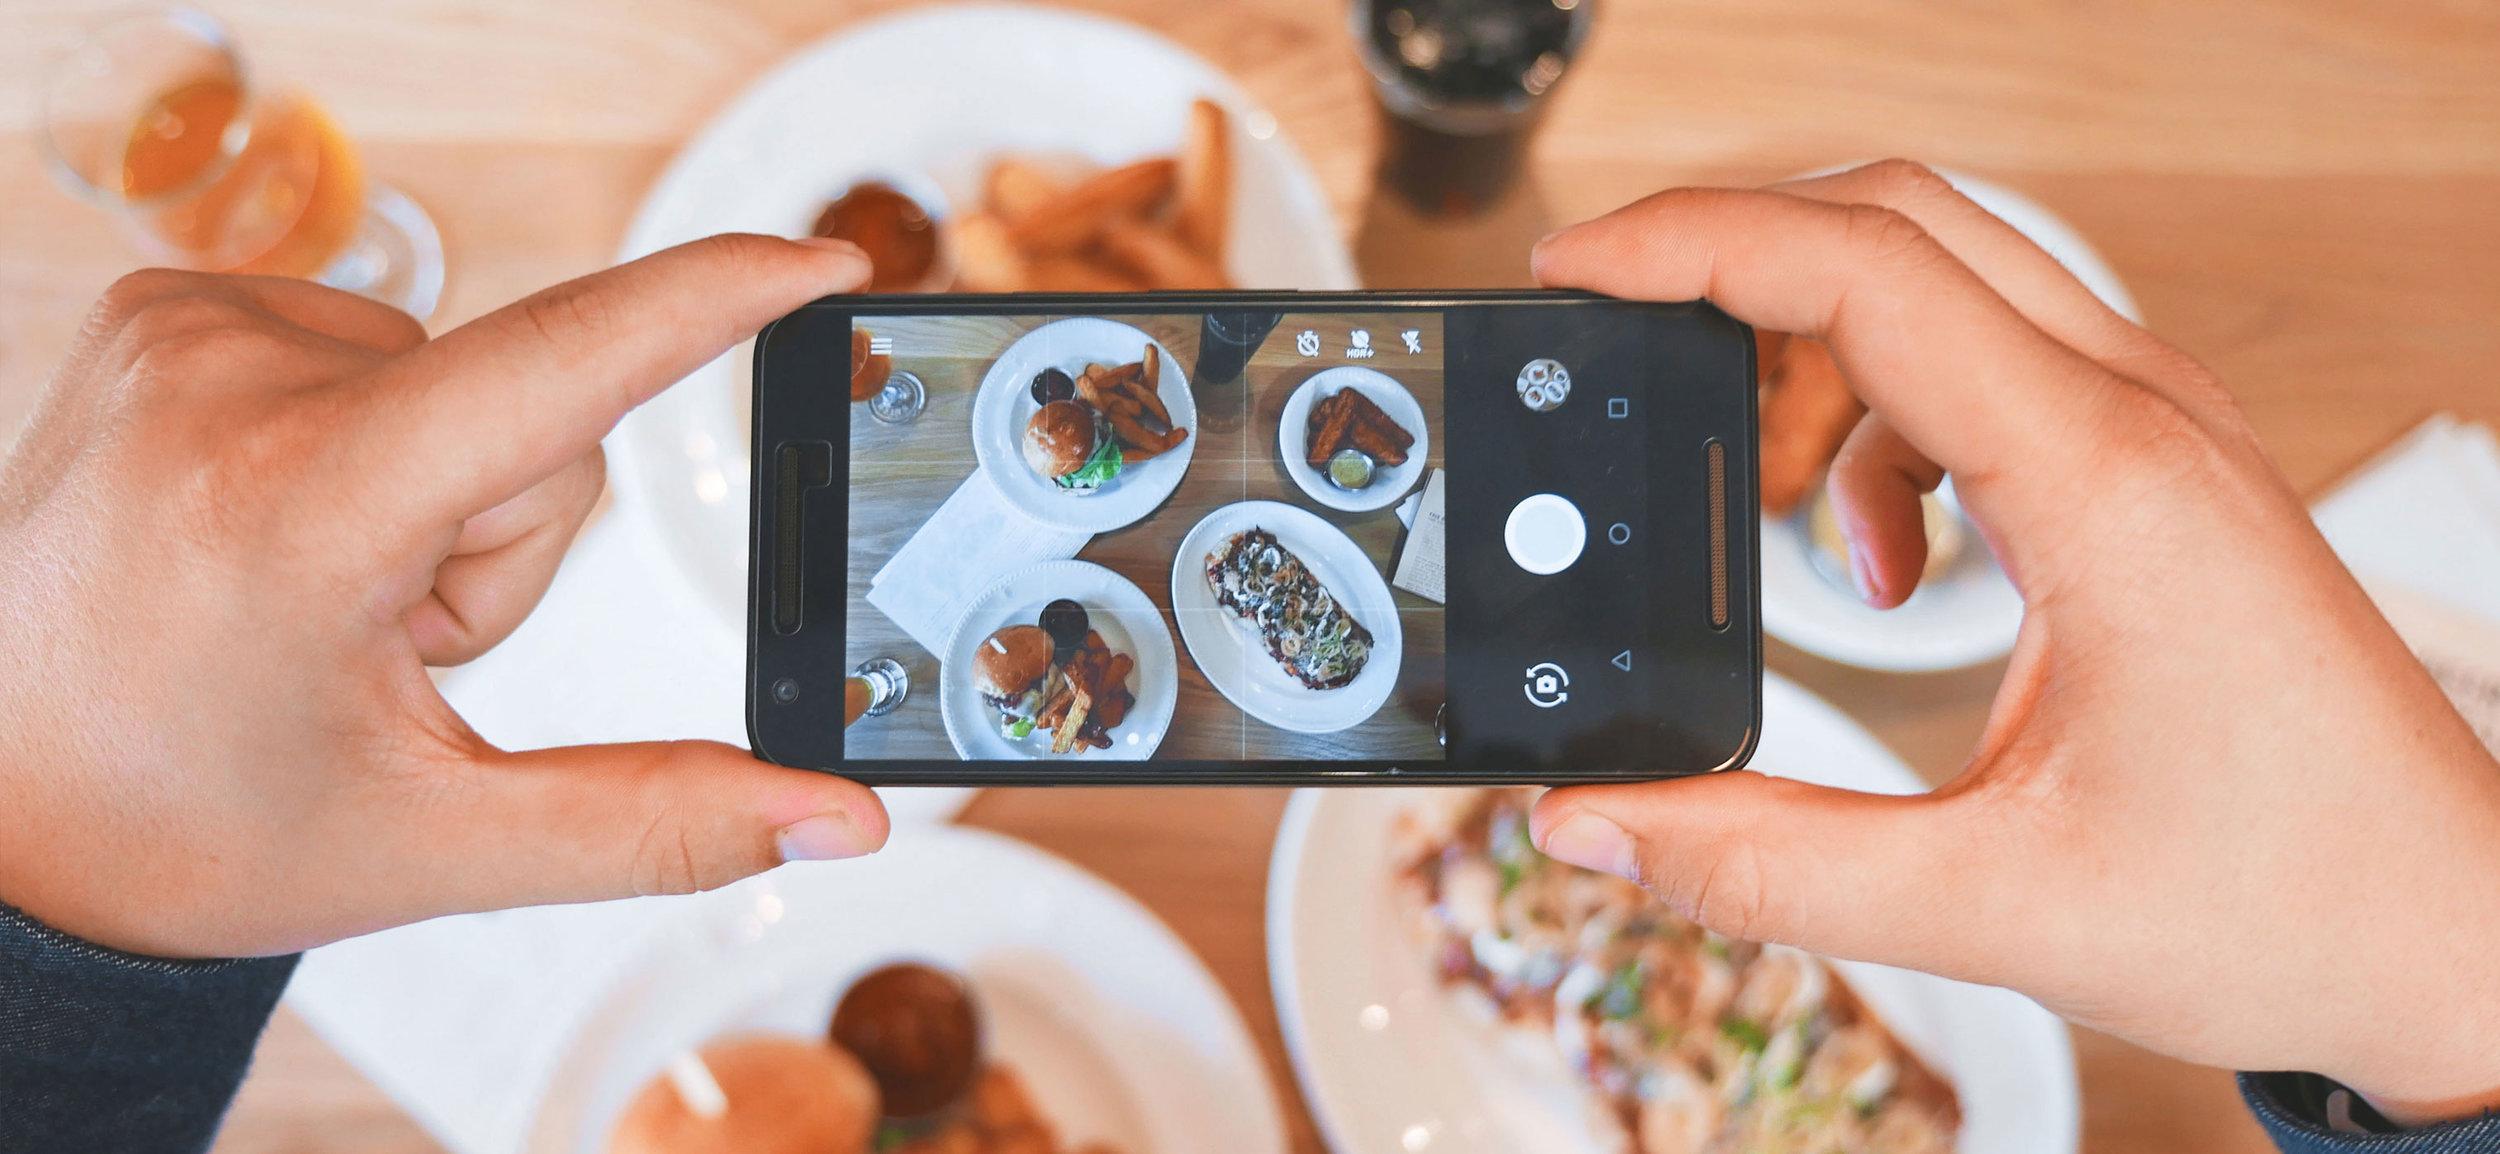 September - September: We're hosting 'Social Media For Food & Drink Entrepreneurs' where we invite 3 social media influencers in the food & drinks field to share their story and secrets — Tickets here.